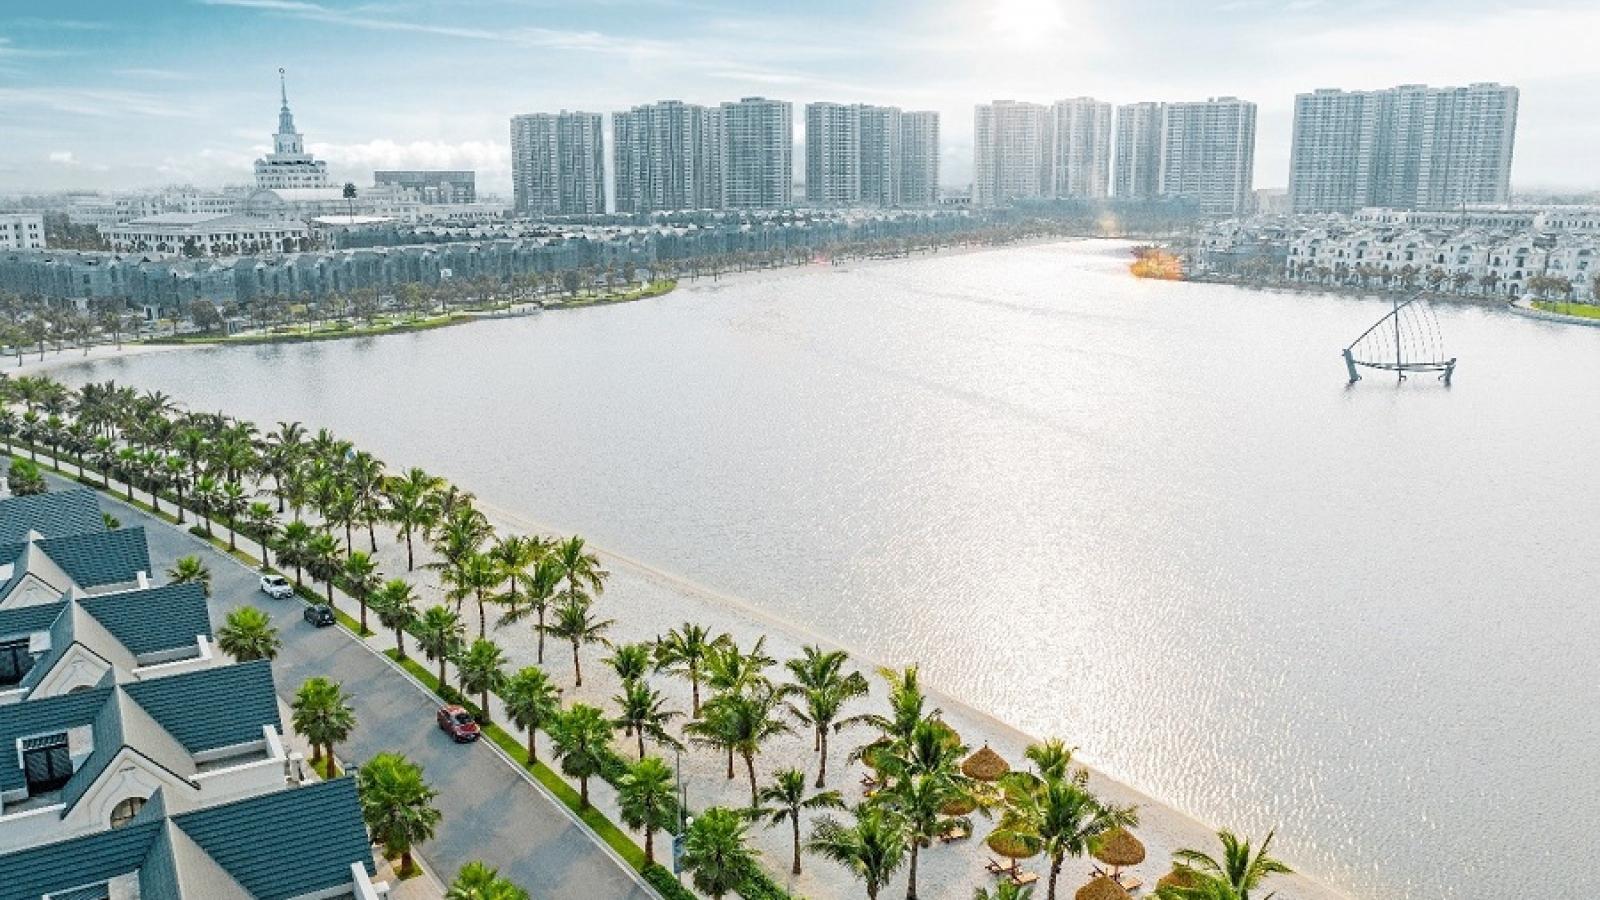 Vinhomes Ocean Park bàn giao gần 9.000 căn hộ sau hơn 20 tháng khởi công